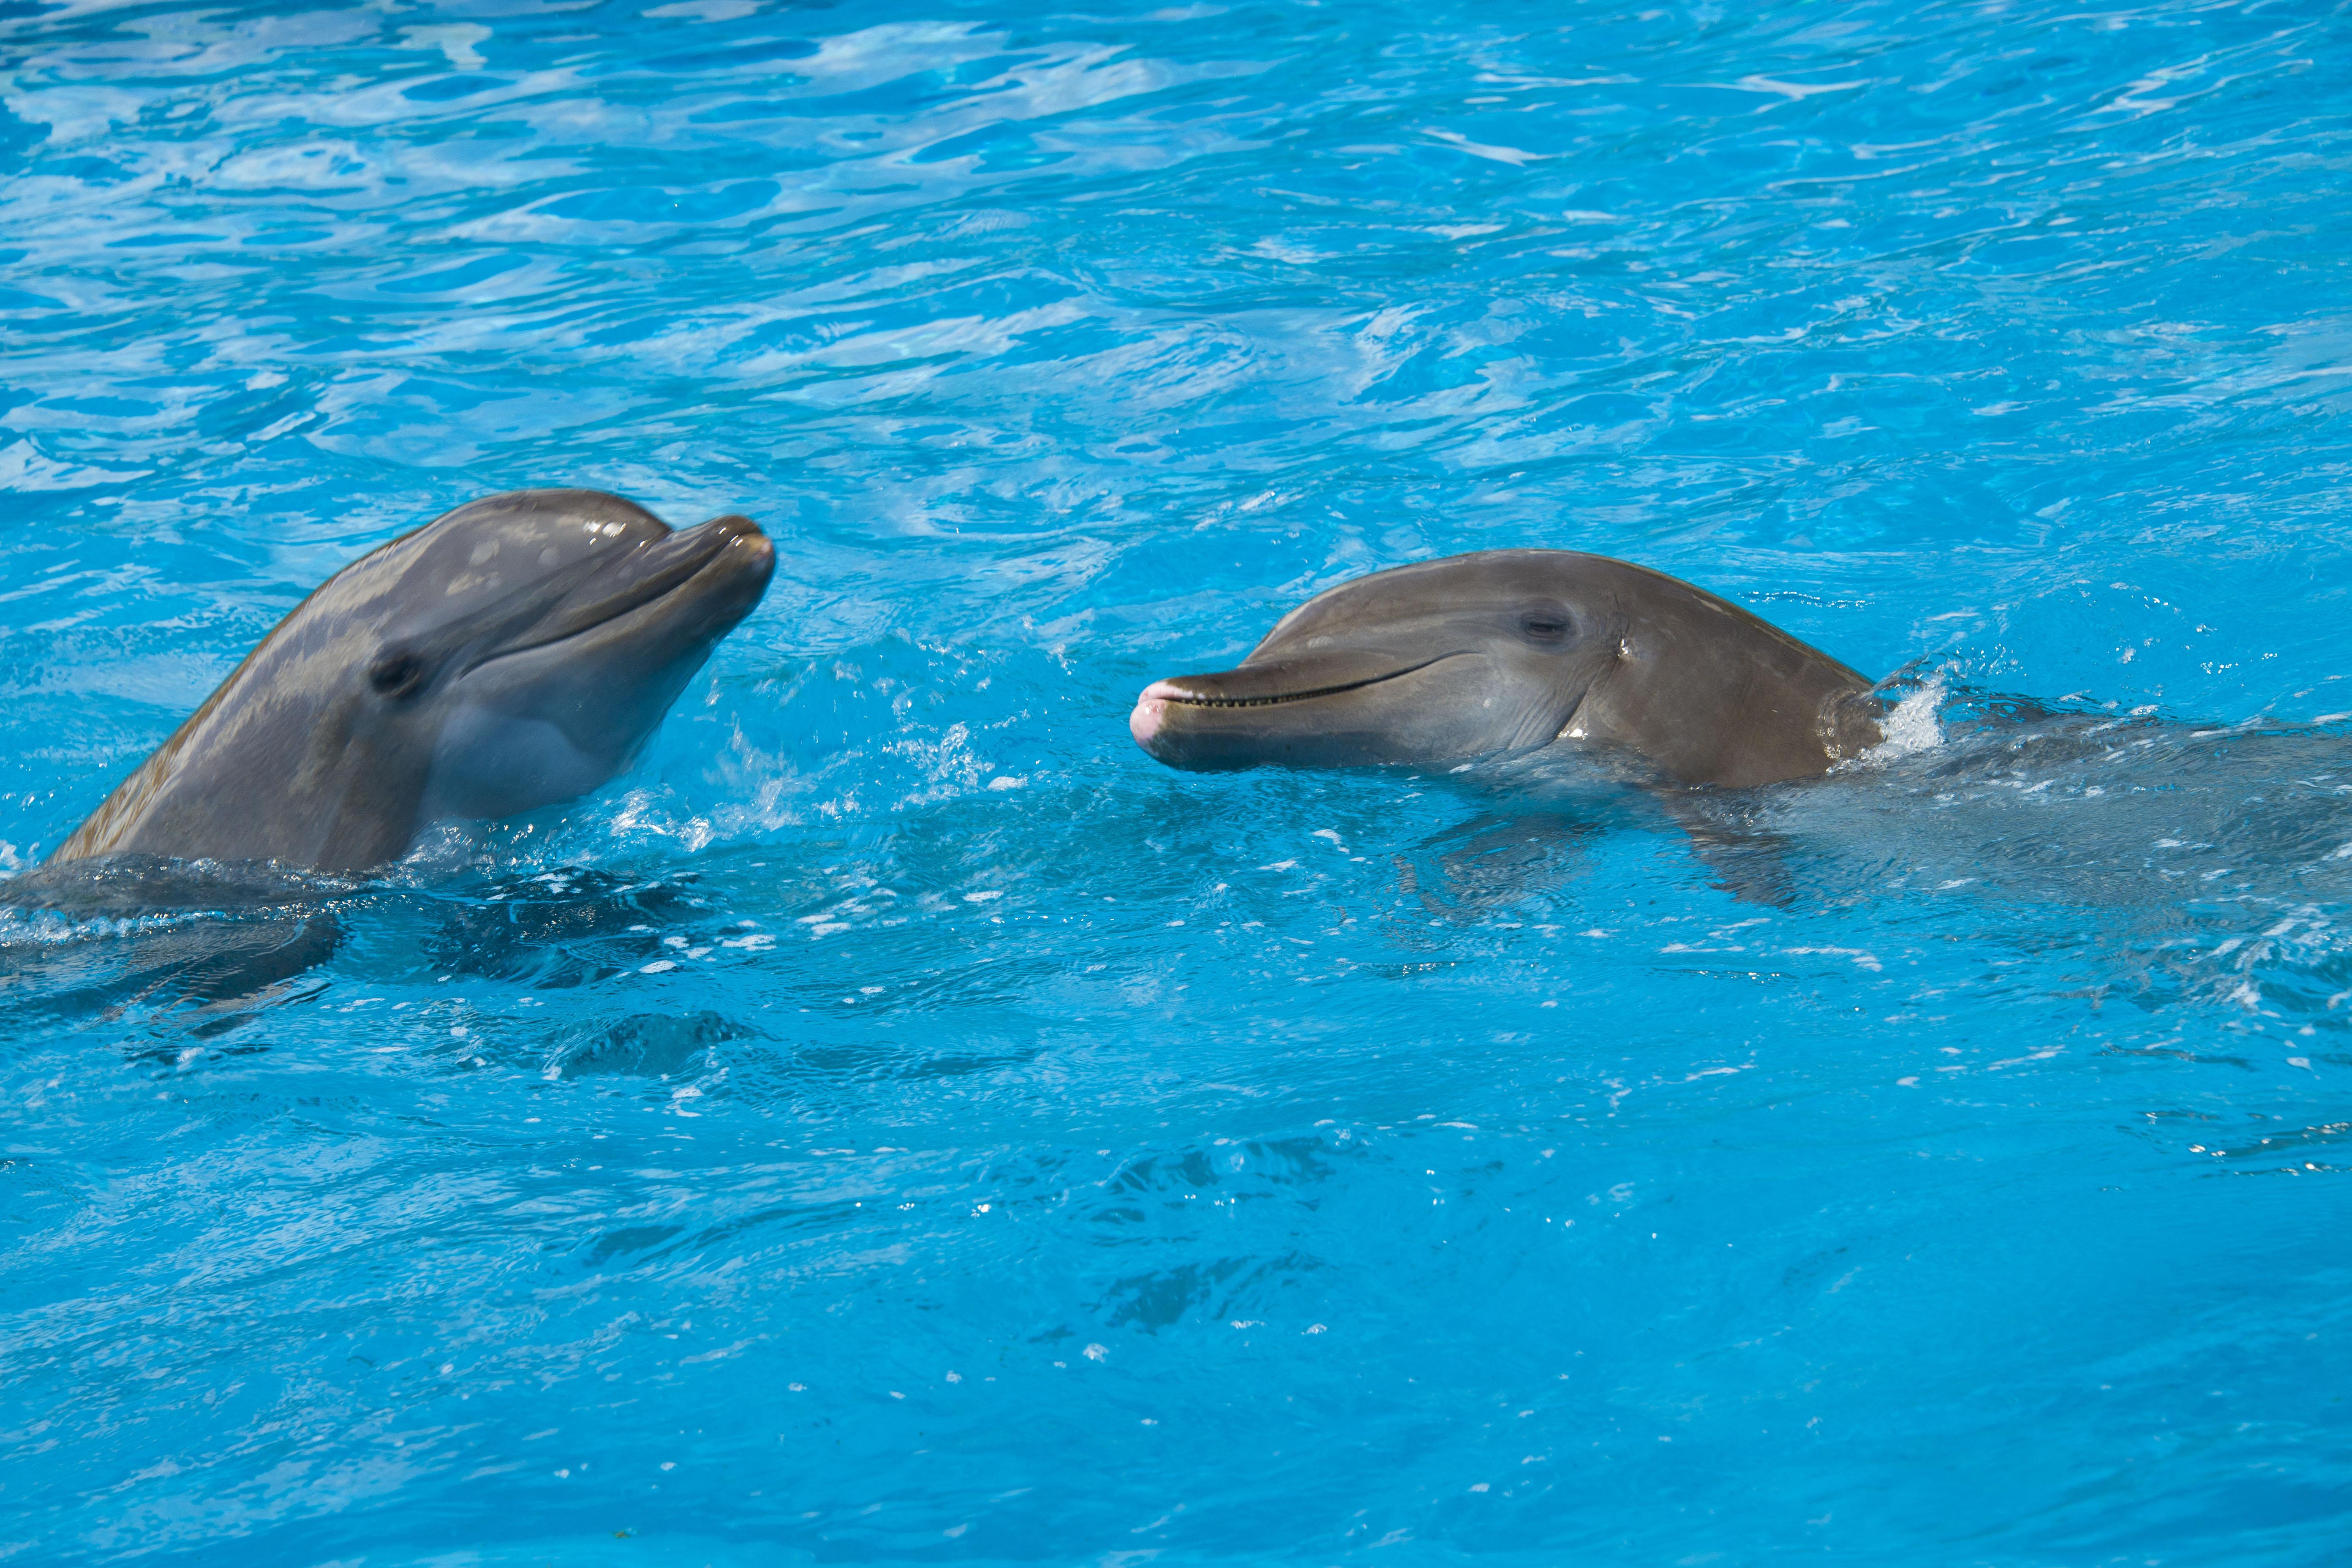 SeaWorld Orlando shelters dolphins